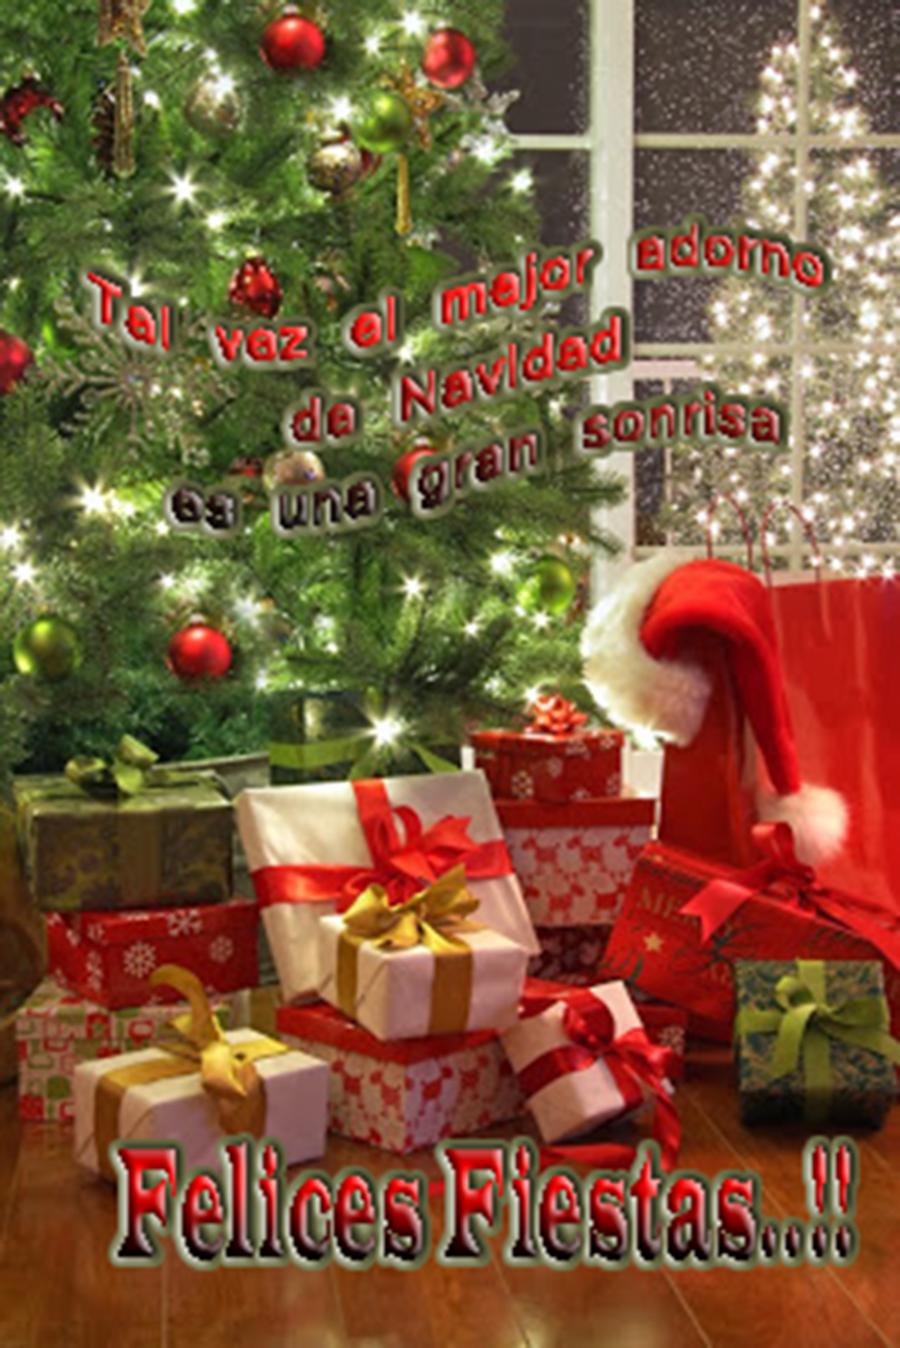 Banco de im genes 60 postales navide as con mensajes para - Felicitaciones de navidad 2018 ...